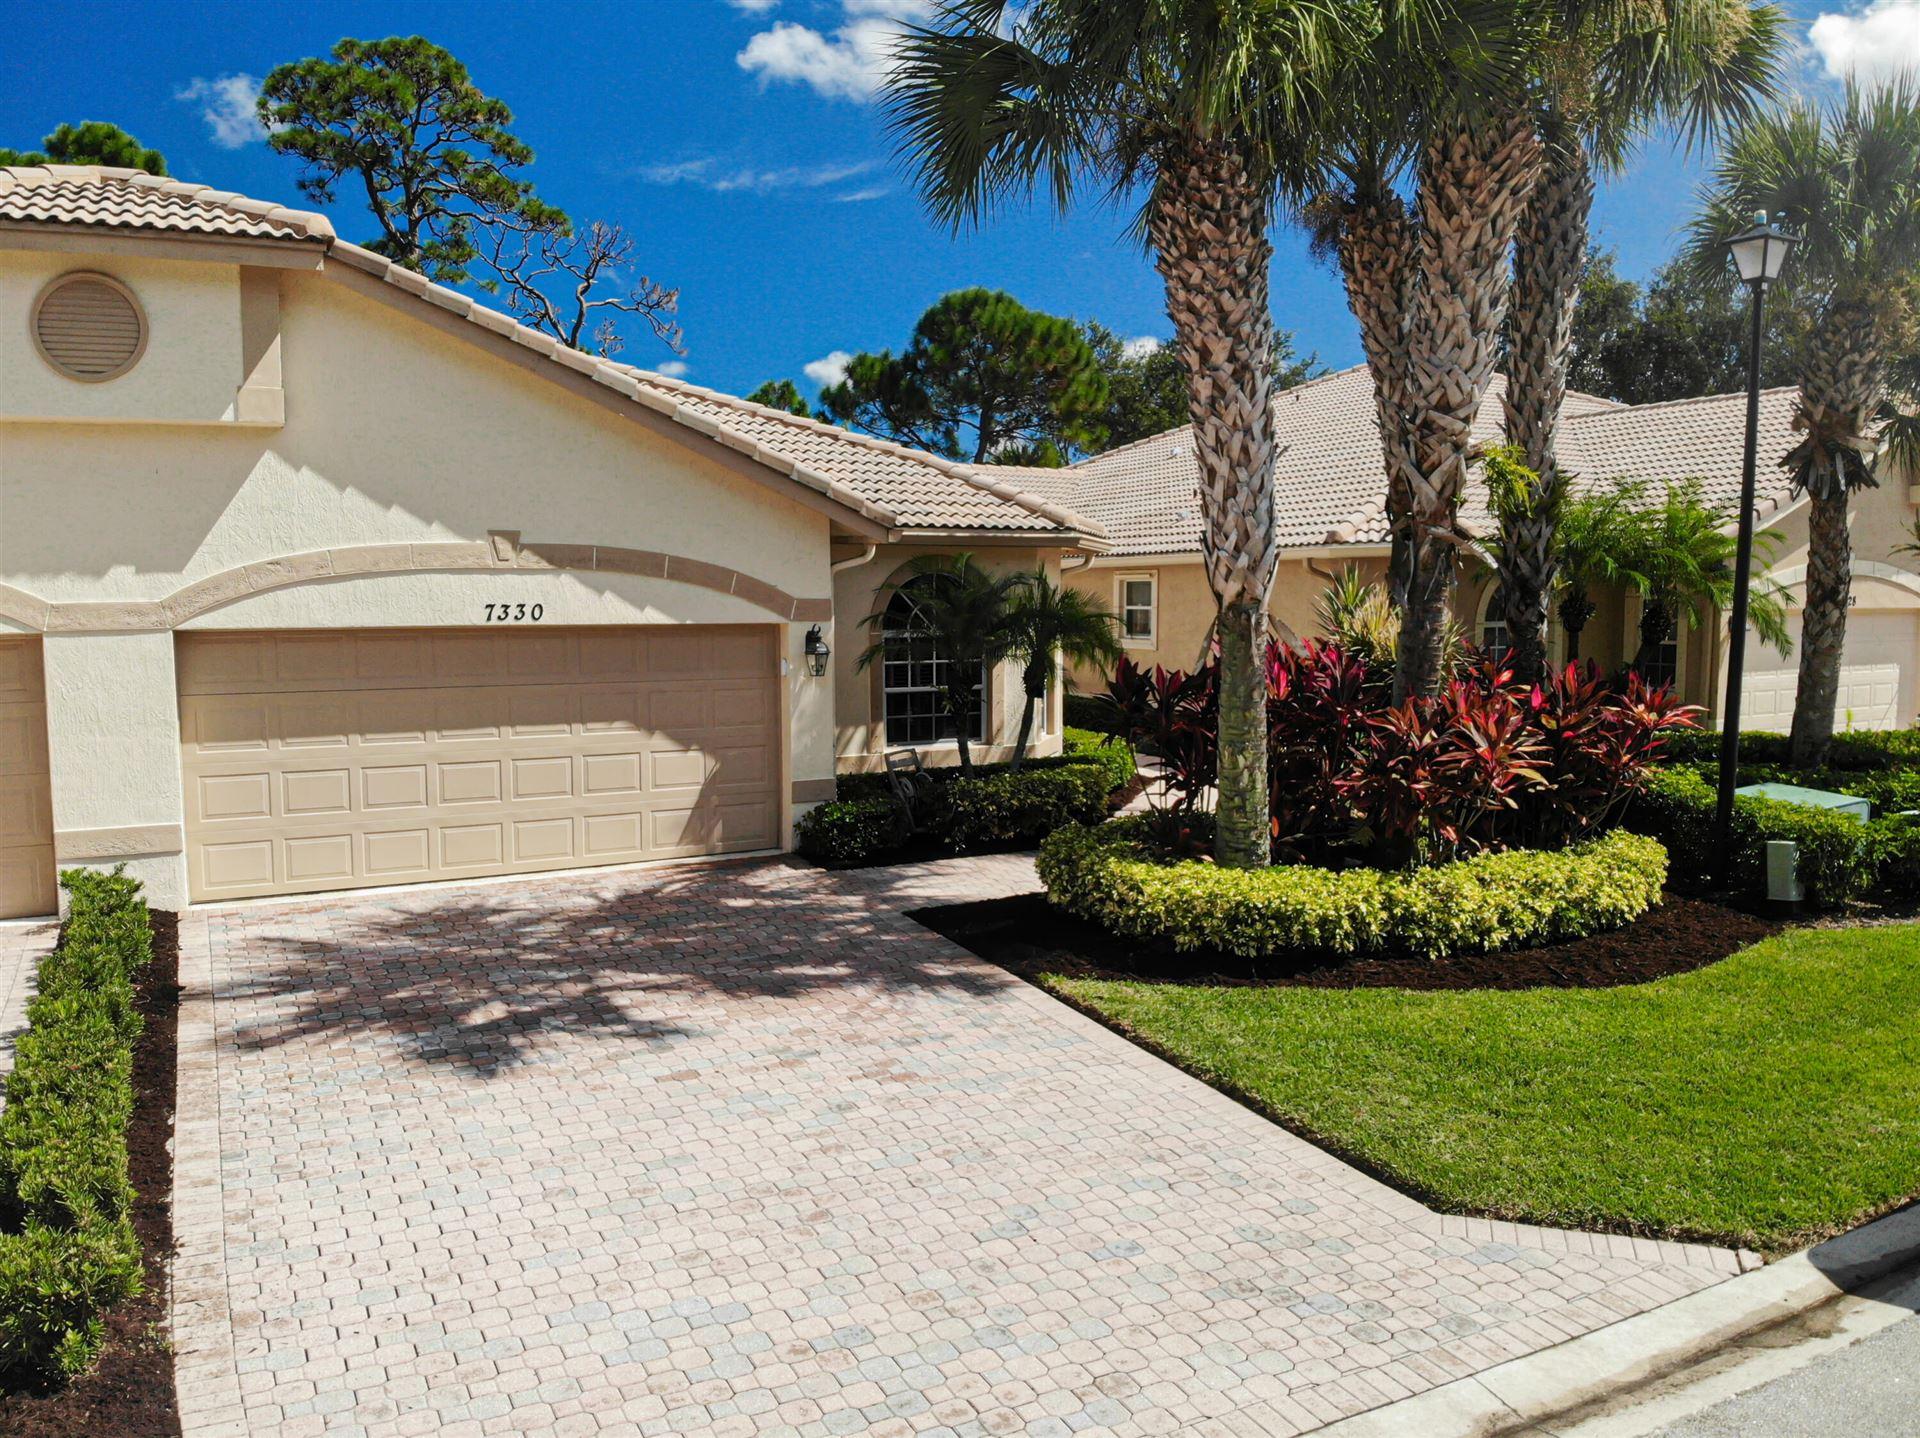 7330 Sea Pines Court, Port Saint Lucie, FL 34986 - MLS#: RX-10750827